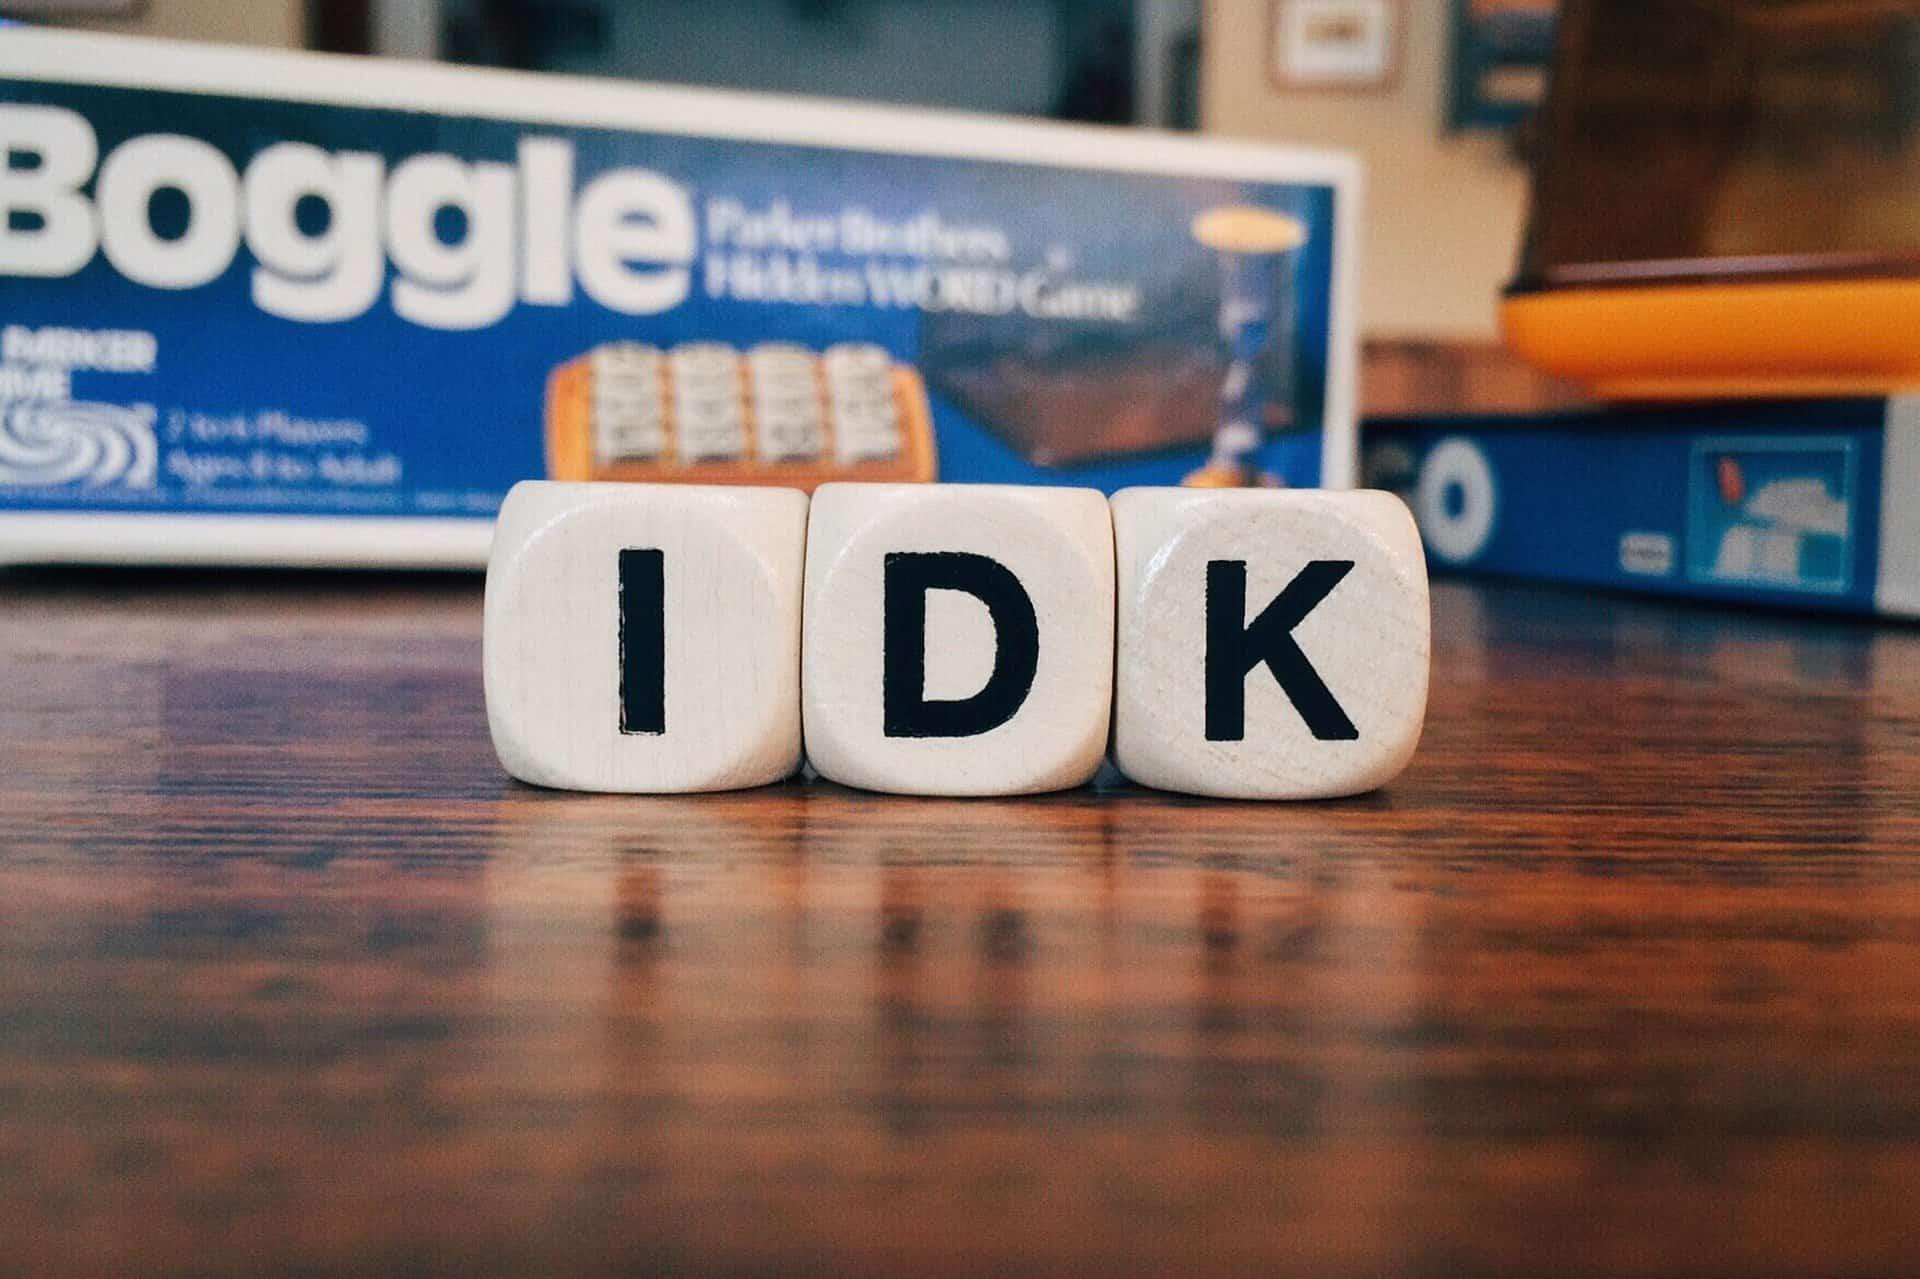 www.mydailyspanish.com Ni Puta Idea Not a Clue I Don't Know IDK